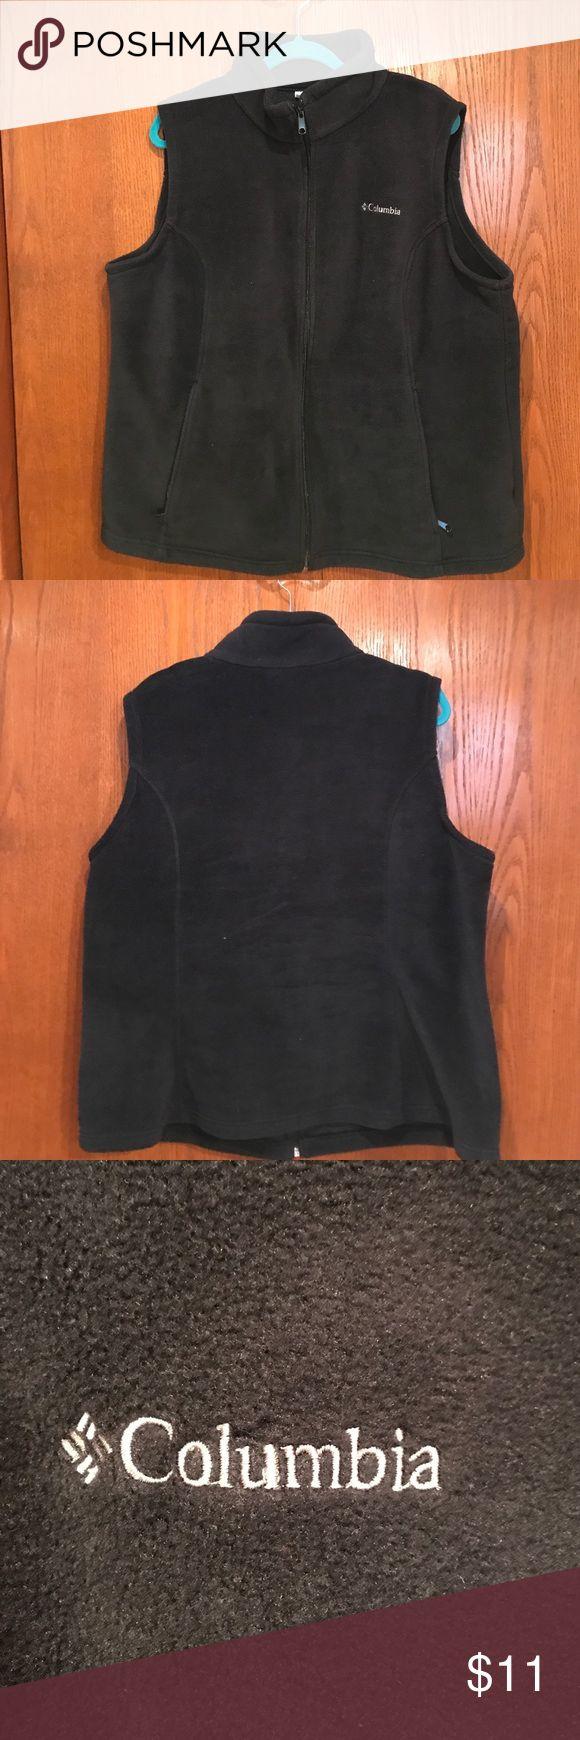 Columbia Fleece Black Zip Up Vest Sz 2x Columbia Black fleece vest, polyester. Worn a few times. Columbia Jackets & Coats Vests